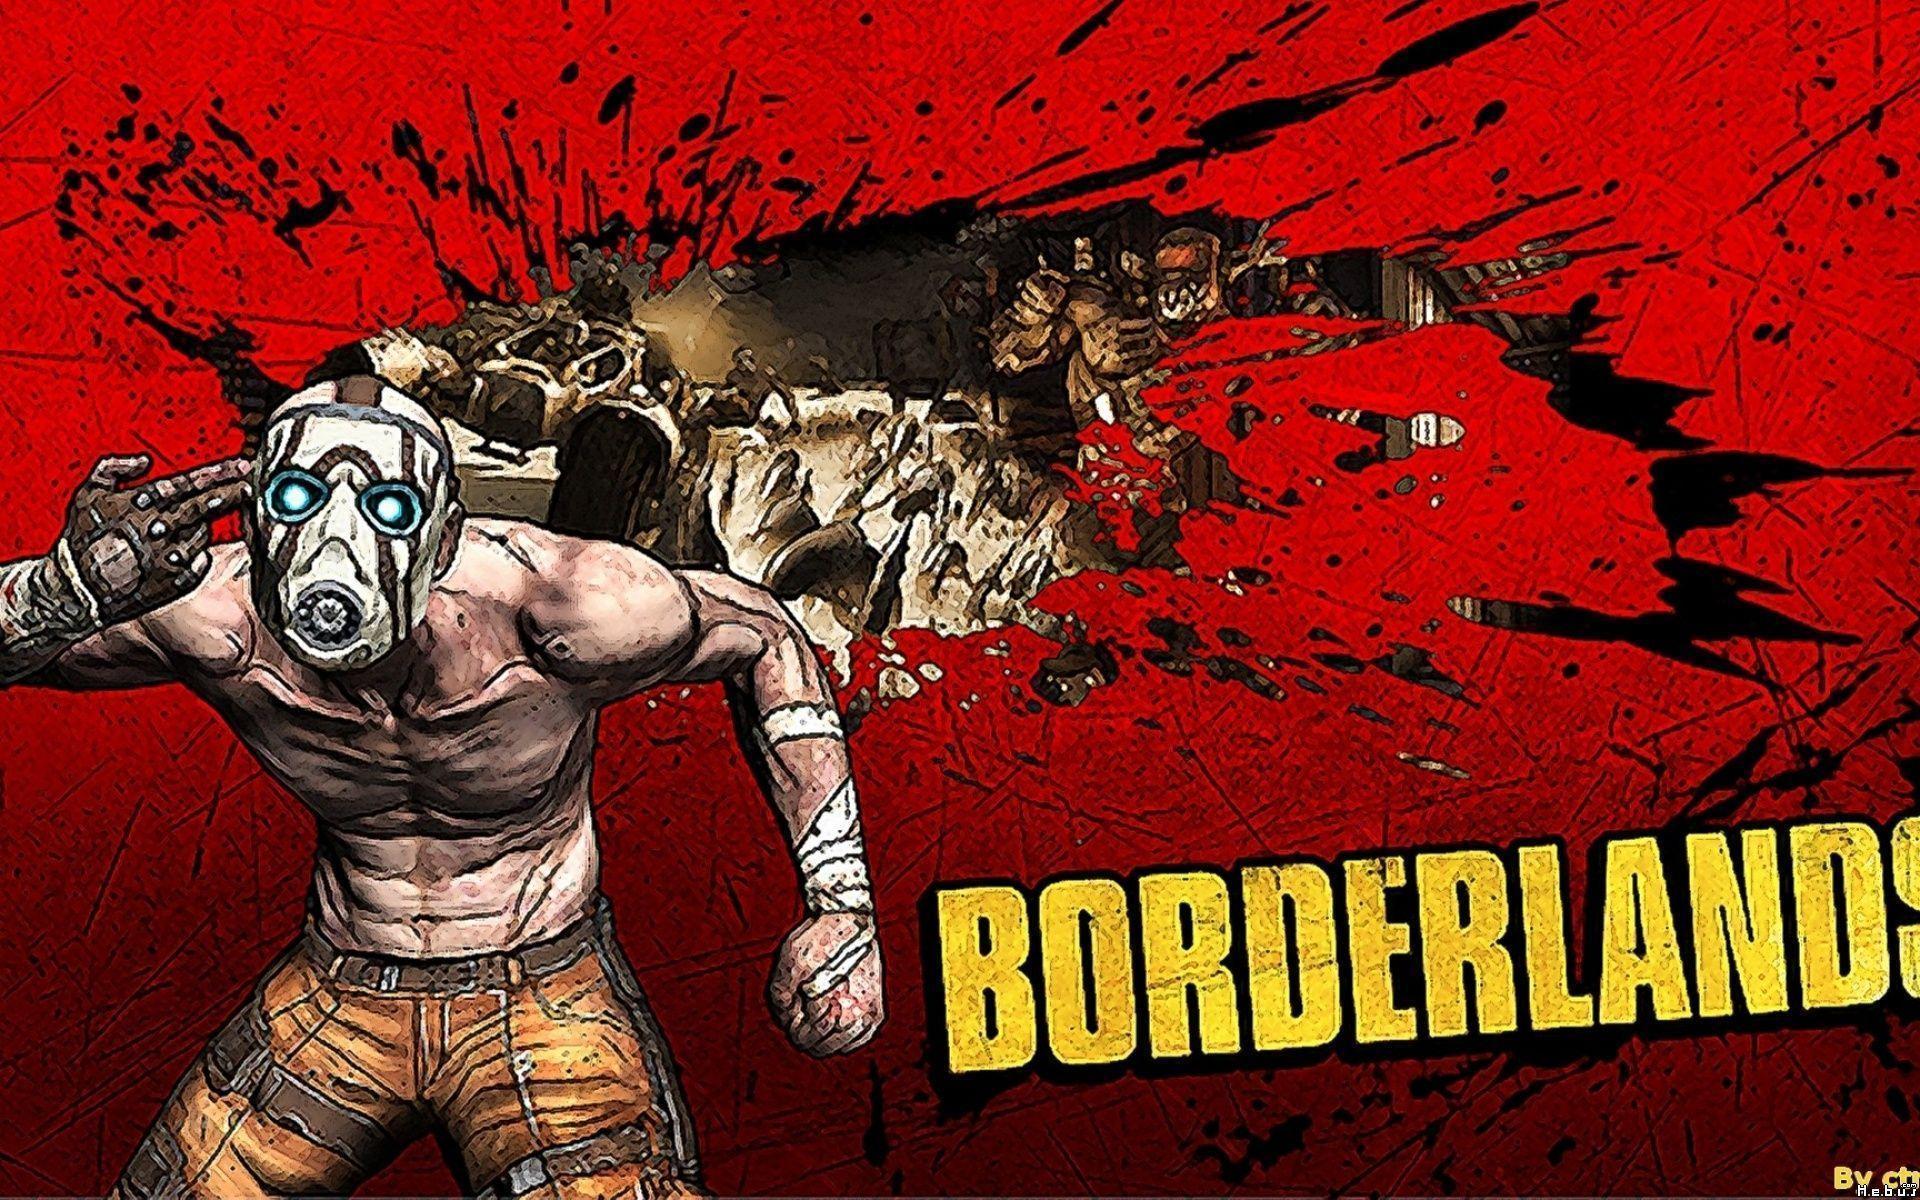 Borderlands Wallpaper 1080p Hd